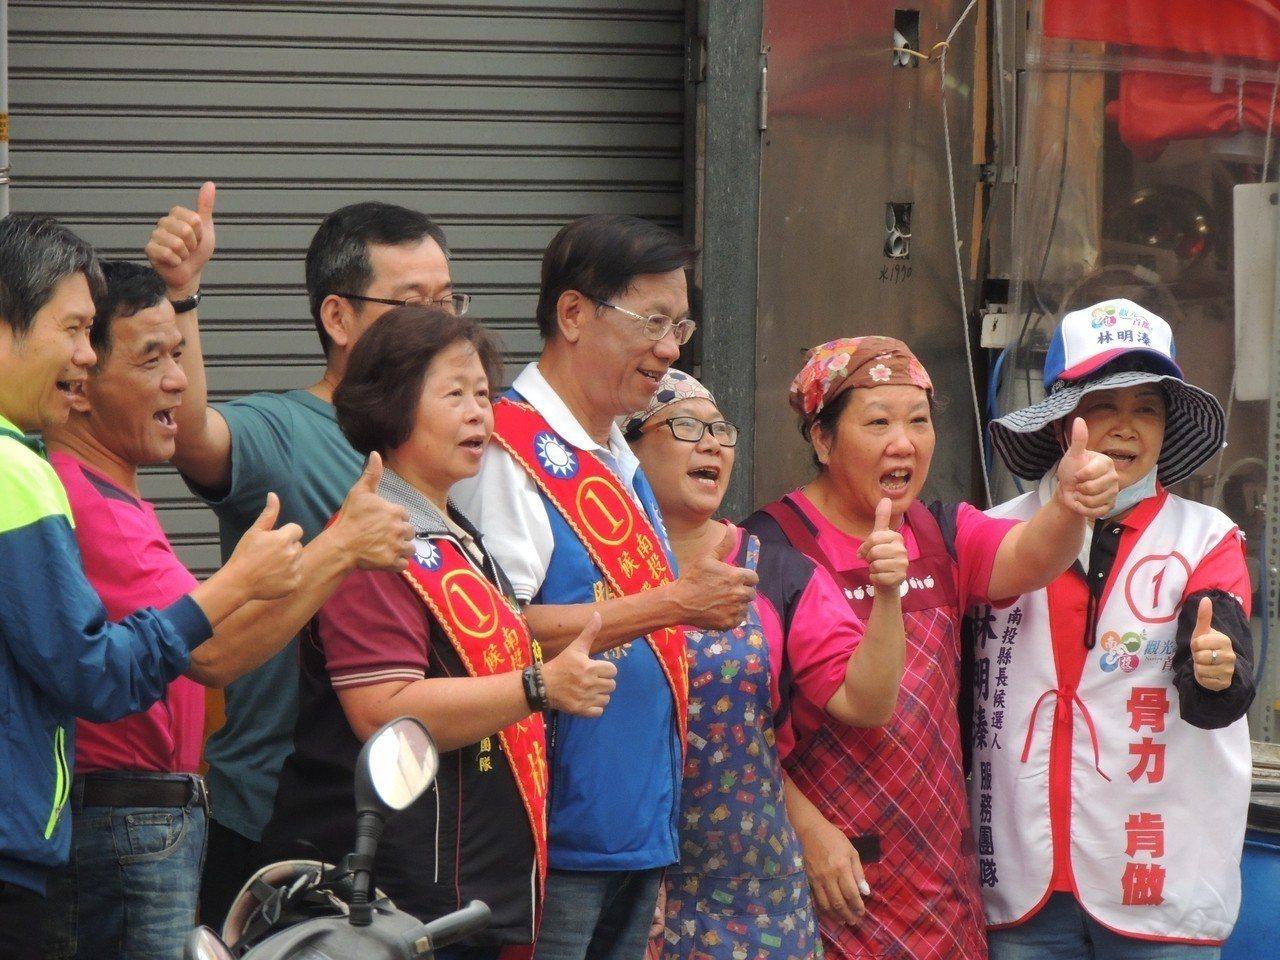 國民黨南投縣長候選人林明溱掃街拜票,不少支持者搶著合照。 圖/林明溱競選總部提供